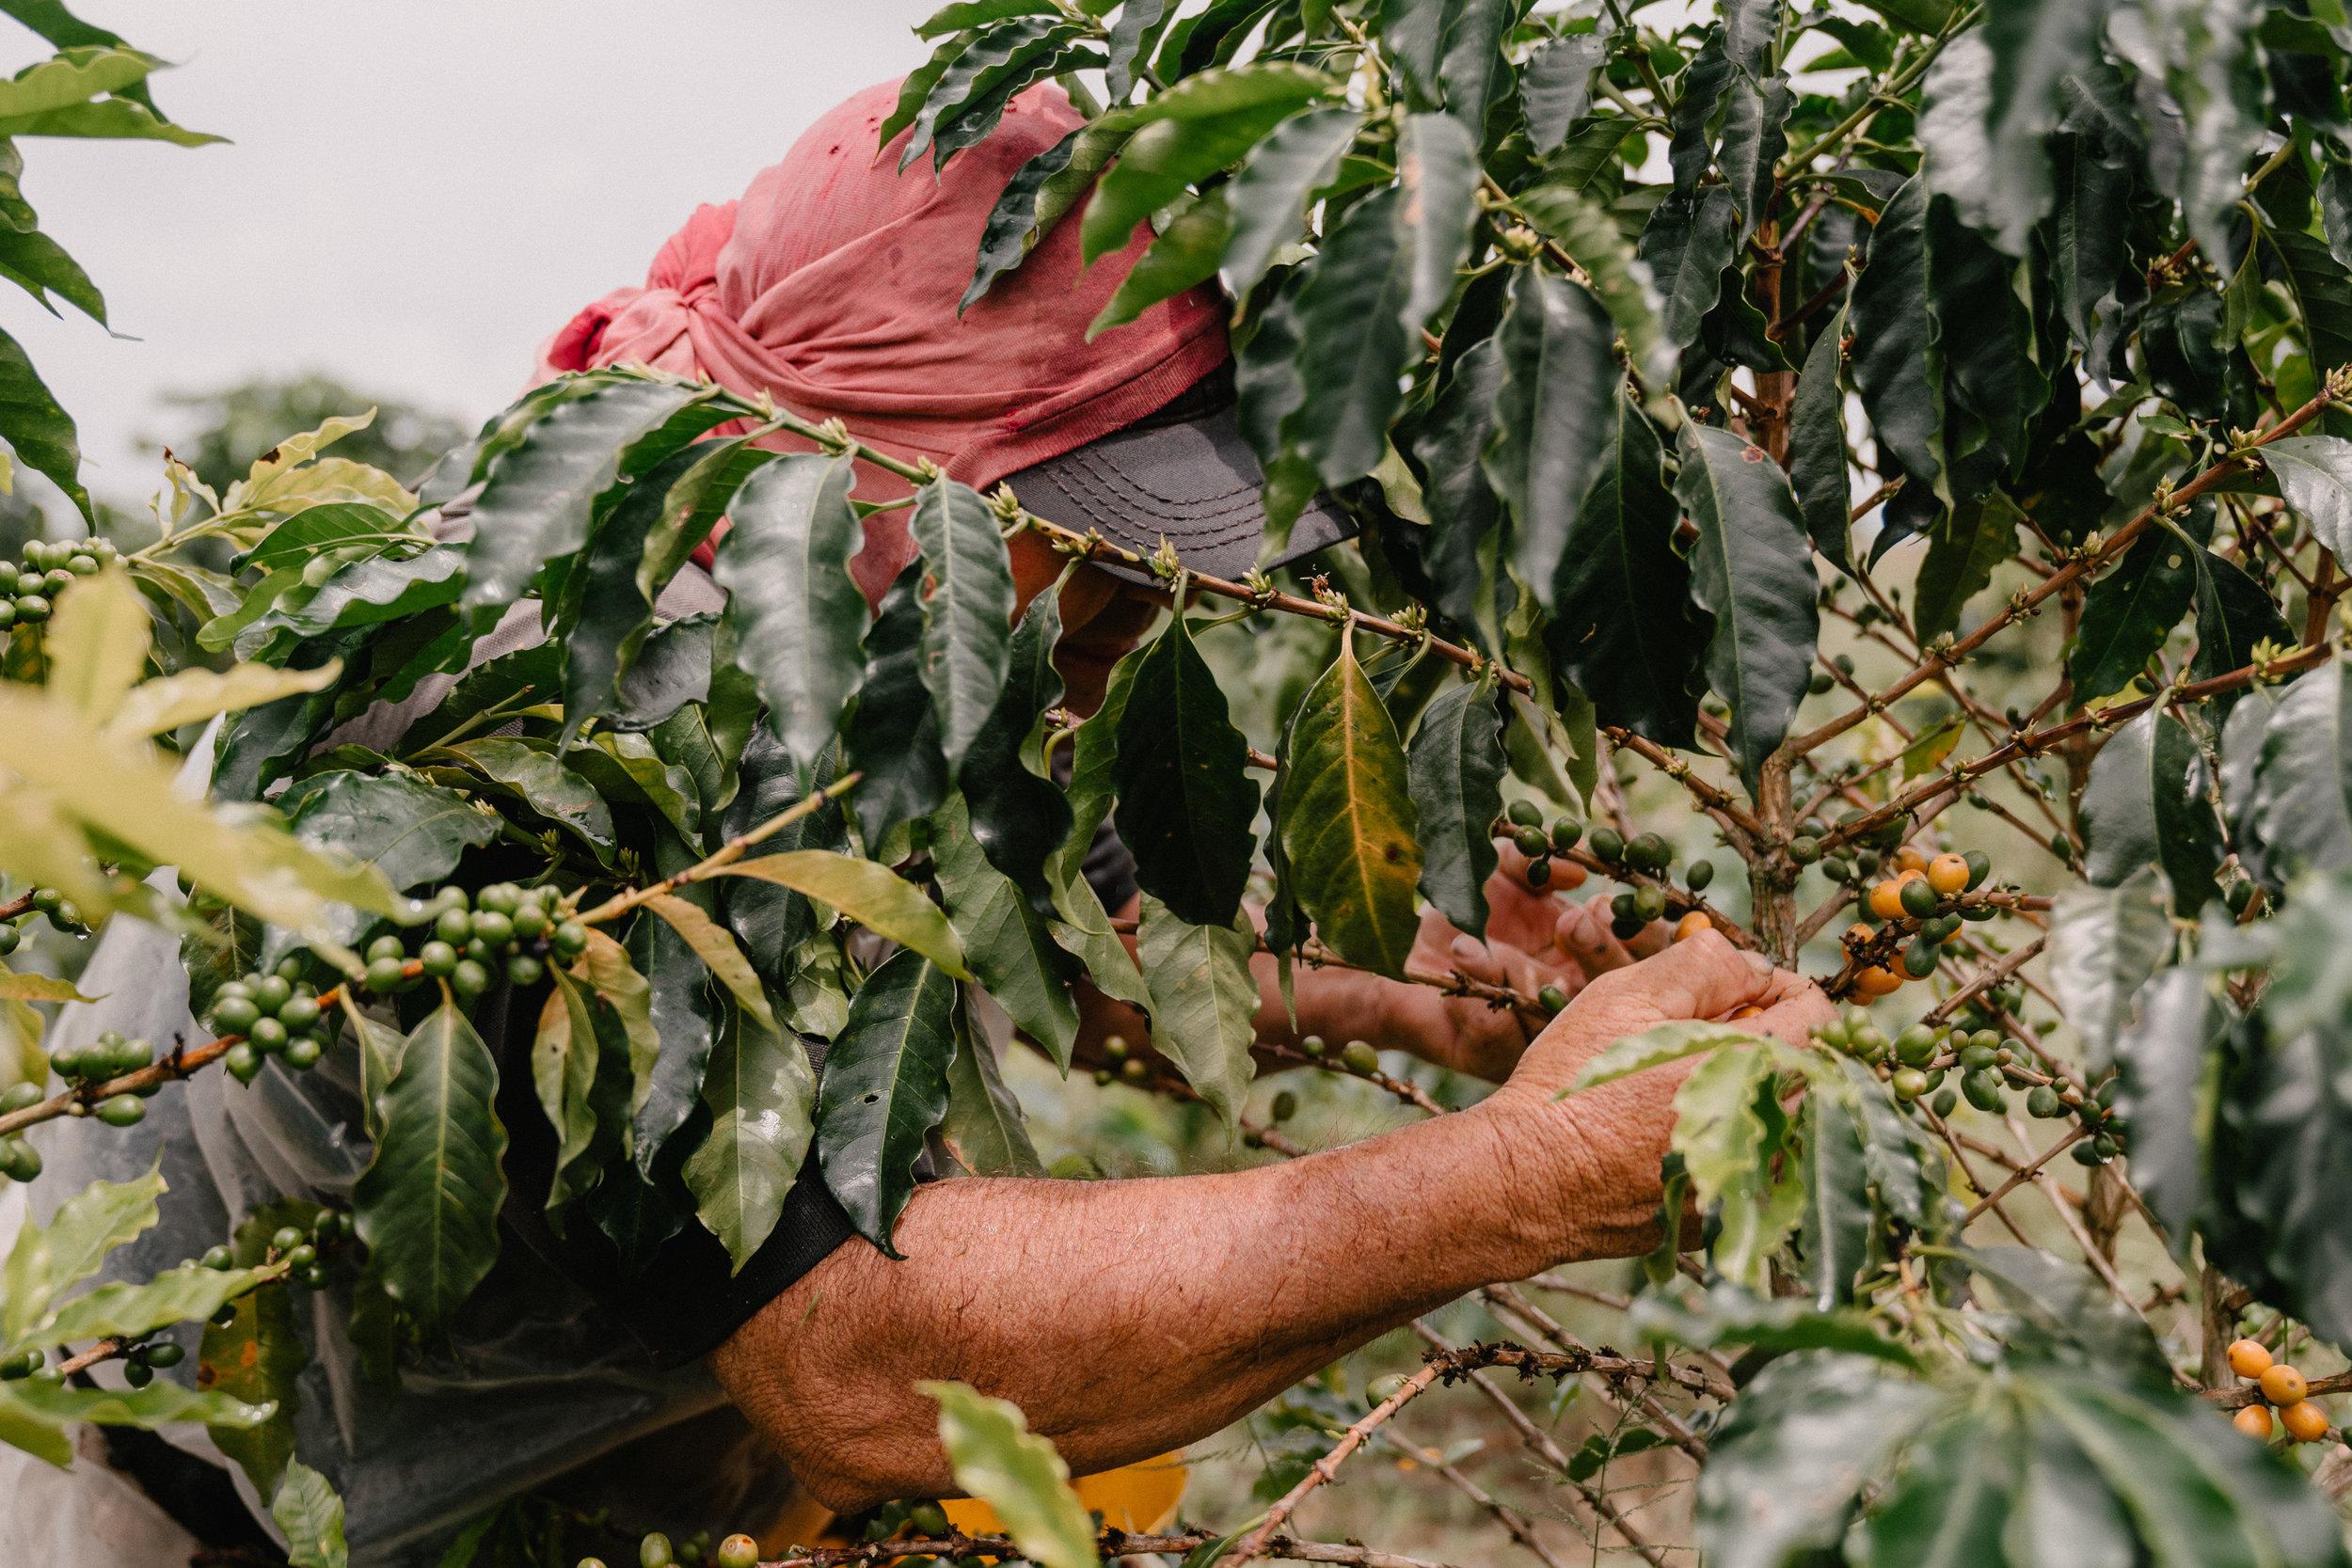 Emanuel-Hahn-Colombia-Coffee-Farmers-Huila-Manizales-Pagpropina-5.jpg